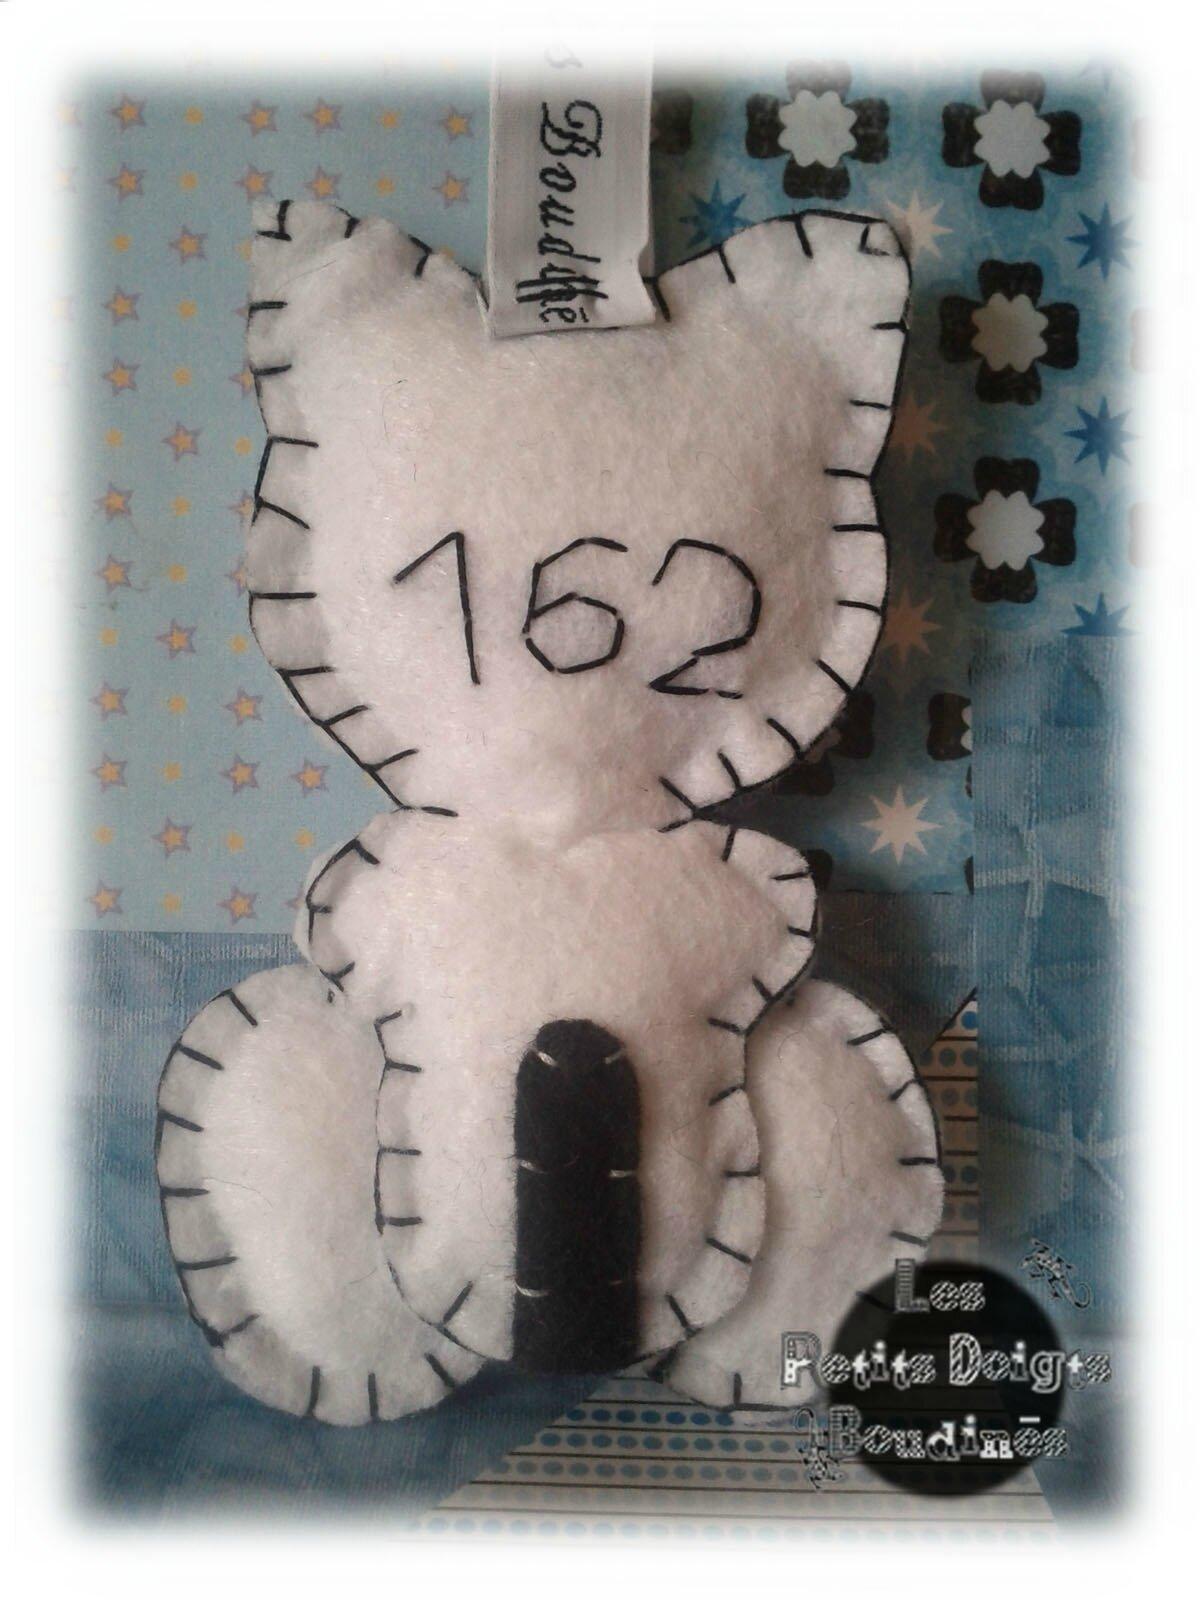 neko n°162